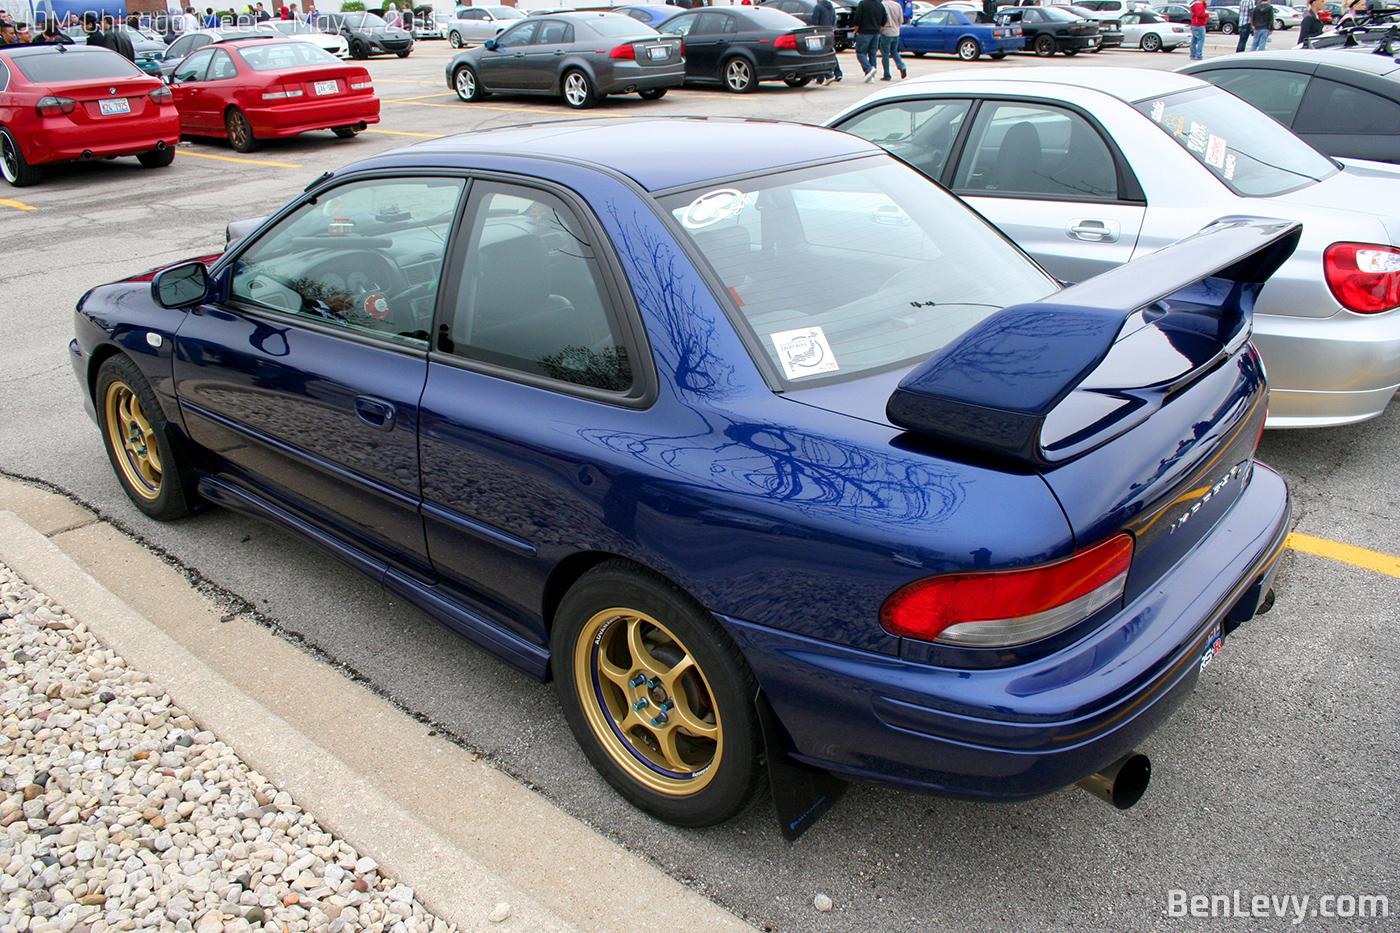 Blue Subaru Impreza Rs Benlevy Com